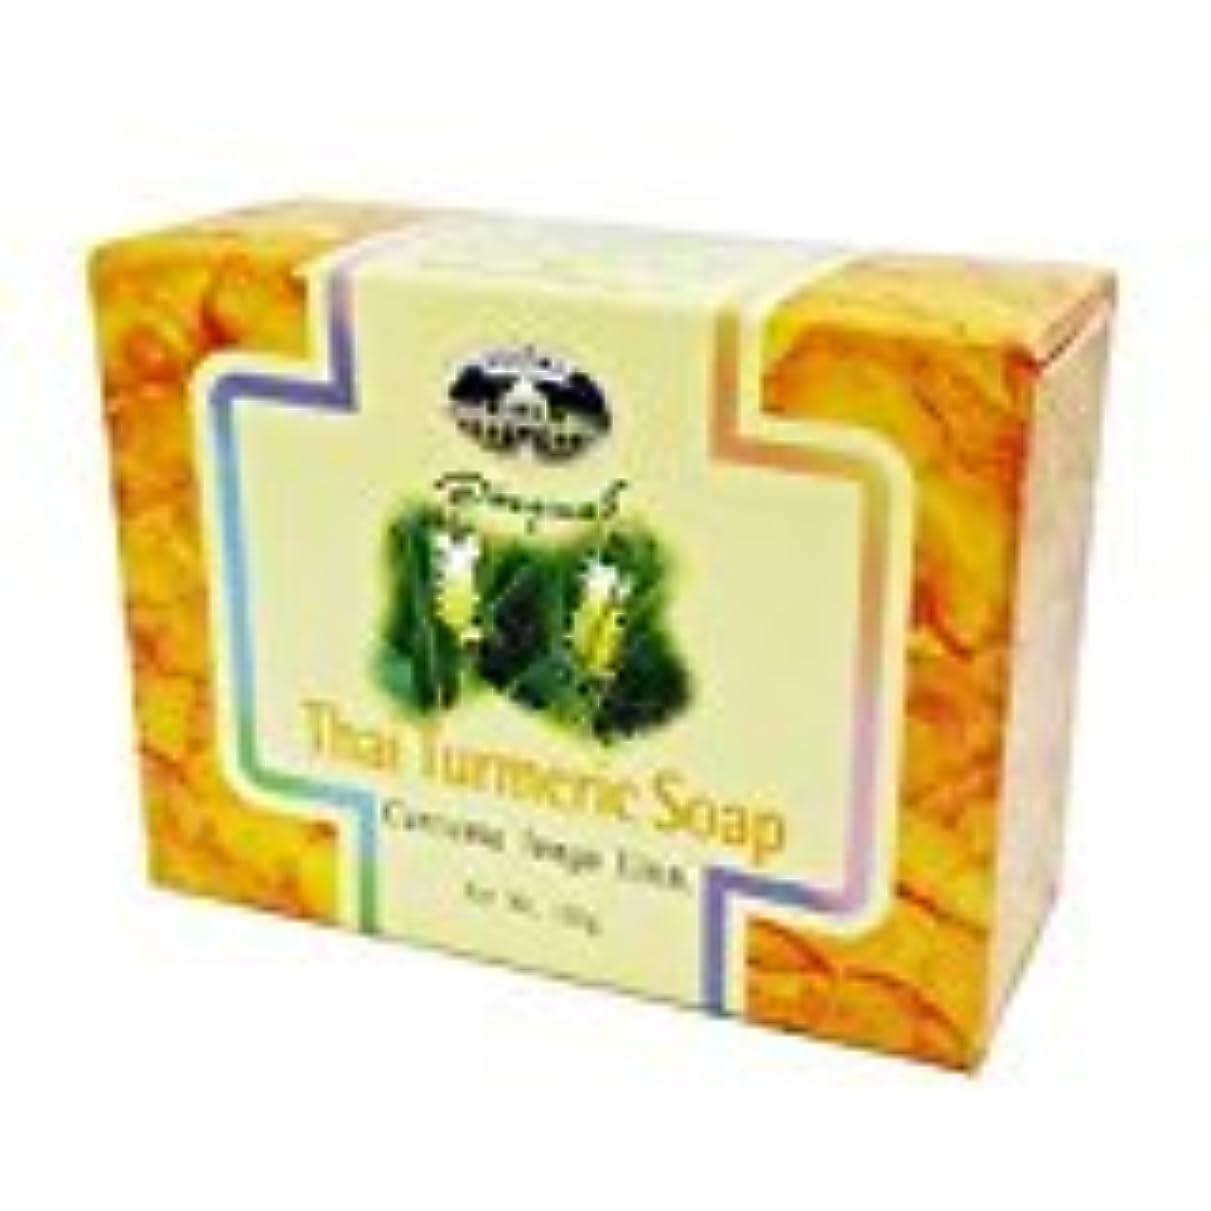 雨の動揺させる抑制するウコン石けん abhaibhubejhr Turmeric soap 100g